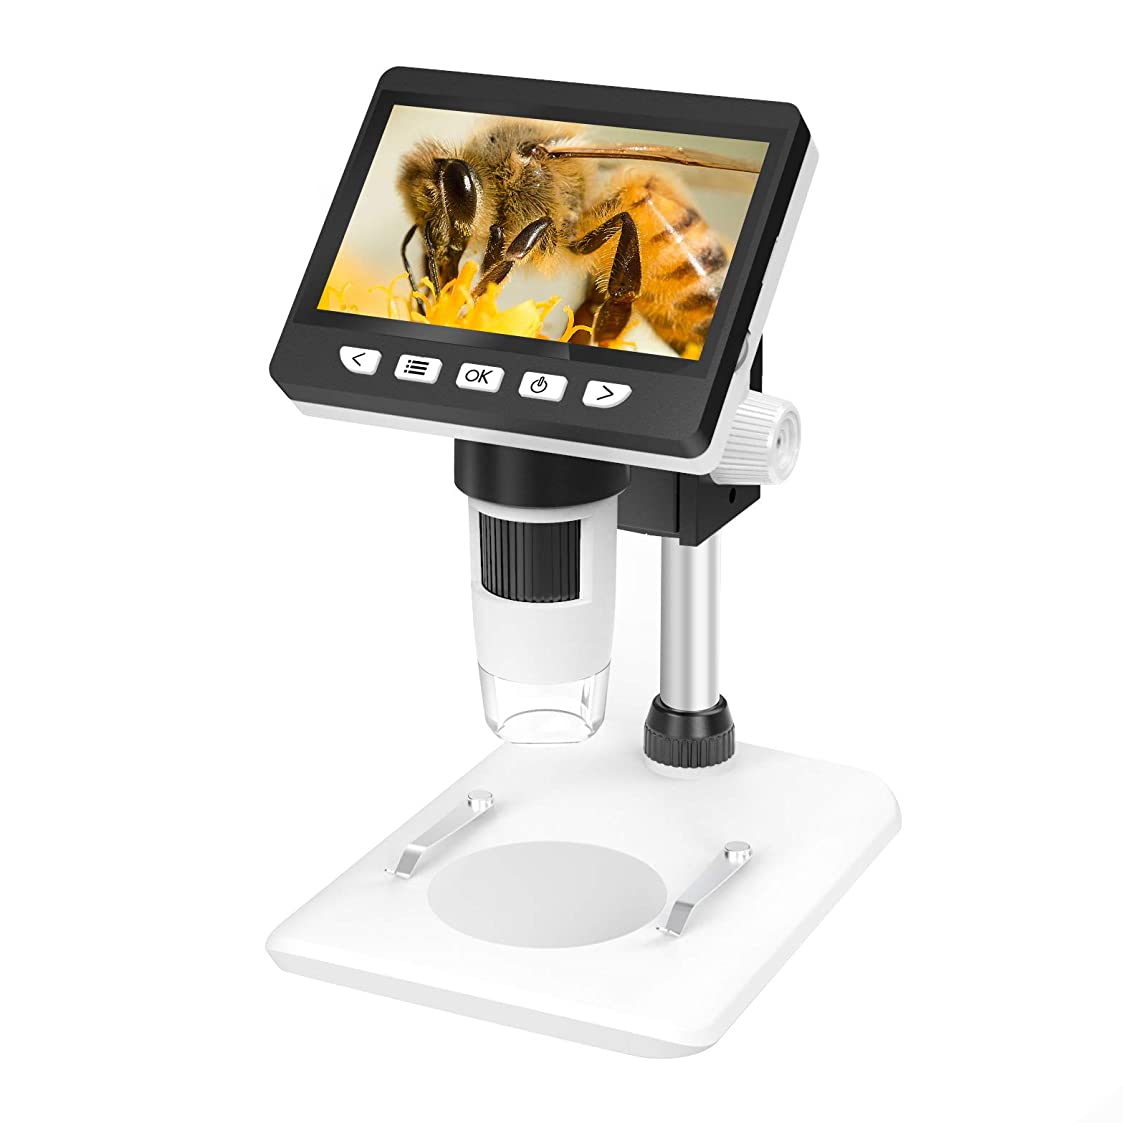 サリー入射絶対にSkybasic デジタル顕微鏡 LCDデジタル マイクロスコープ 8個LED 4.3インチモニタ HD1080P高画素 2600mAh 最大1000倍率 写真/動画保存?転送可能 8G TFカード usbケーブル付き WIN/XP/Vista7/8/10 Mac10.5&以降対応